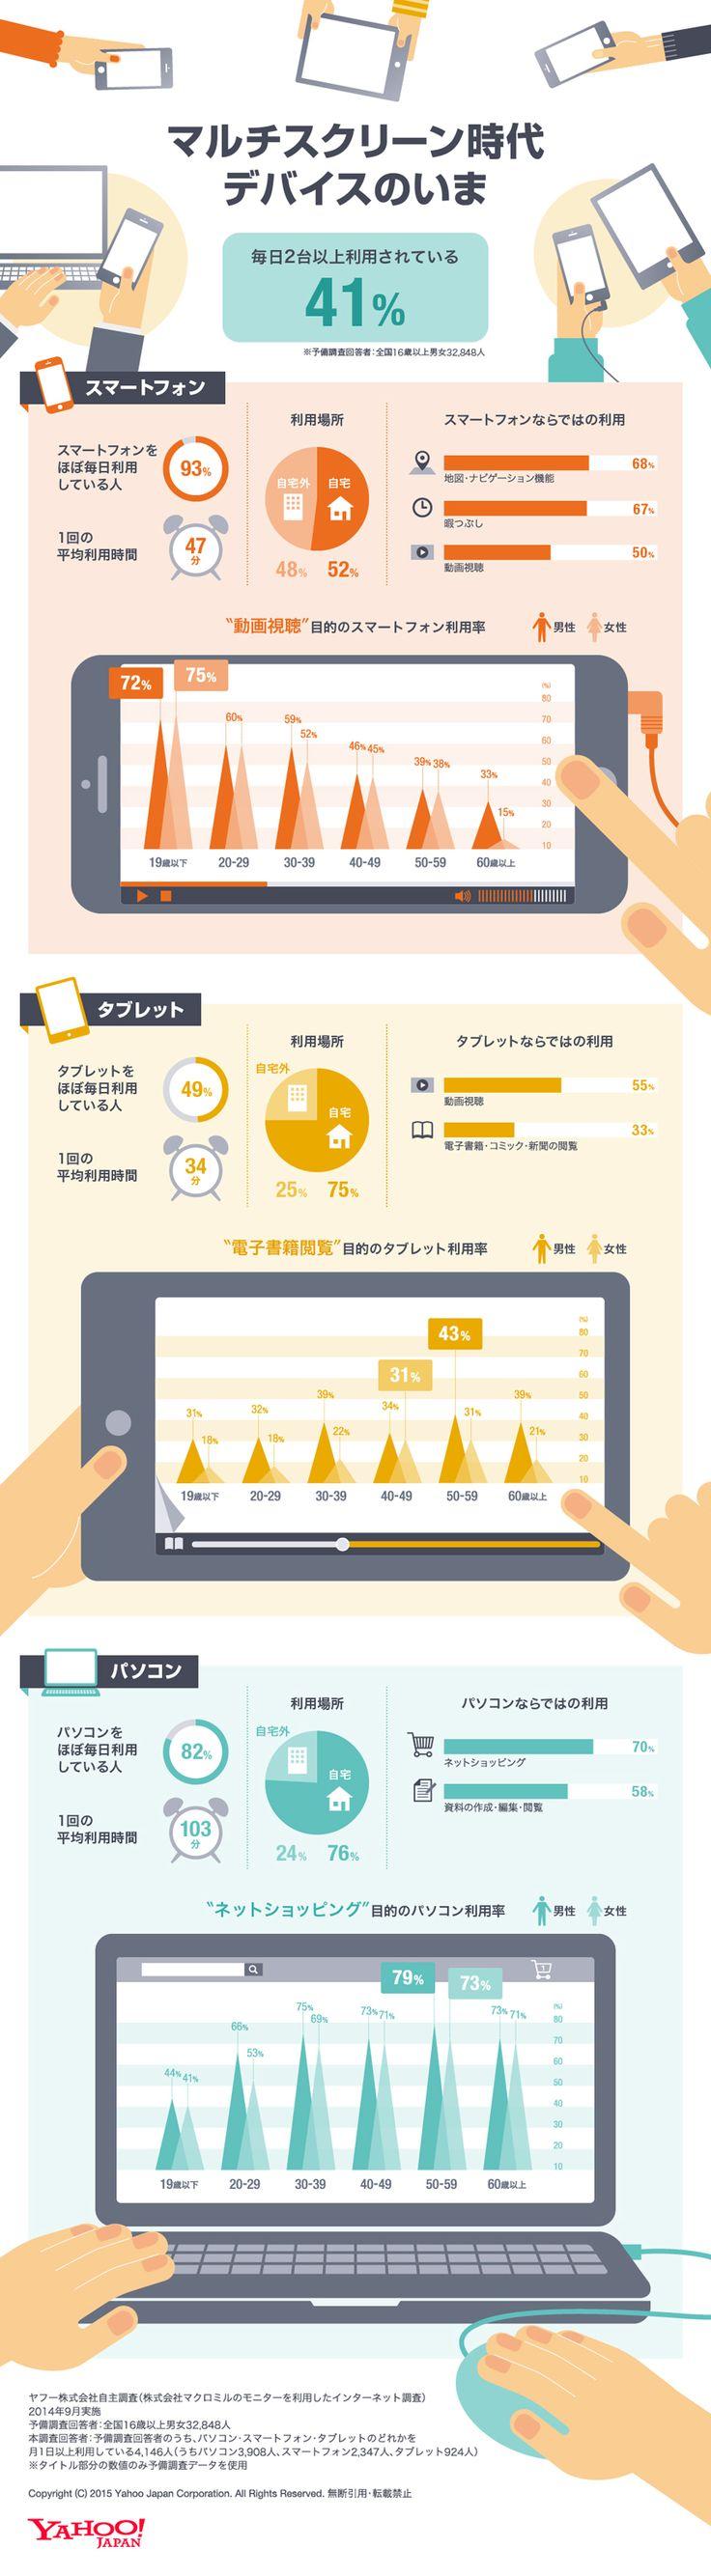 インフォグラフィックス:マルチスクリーン時代のデバイス利用動向をまとめたインフォグラフィック